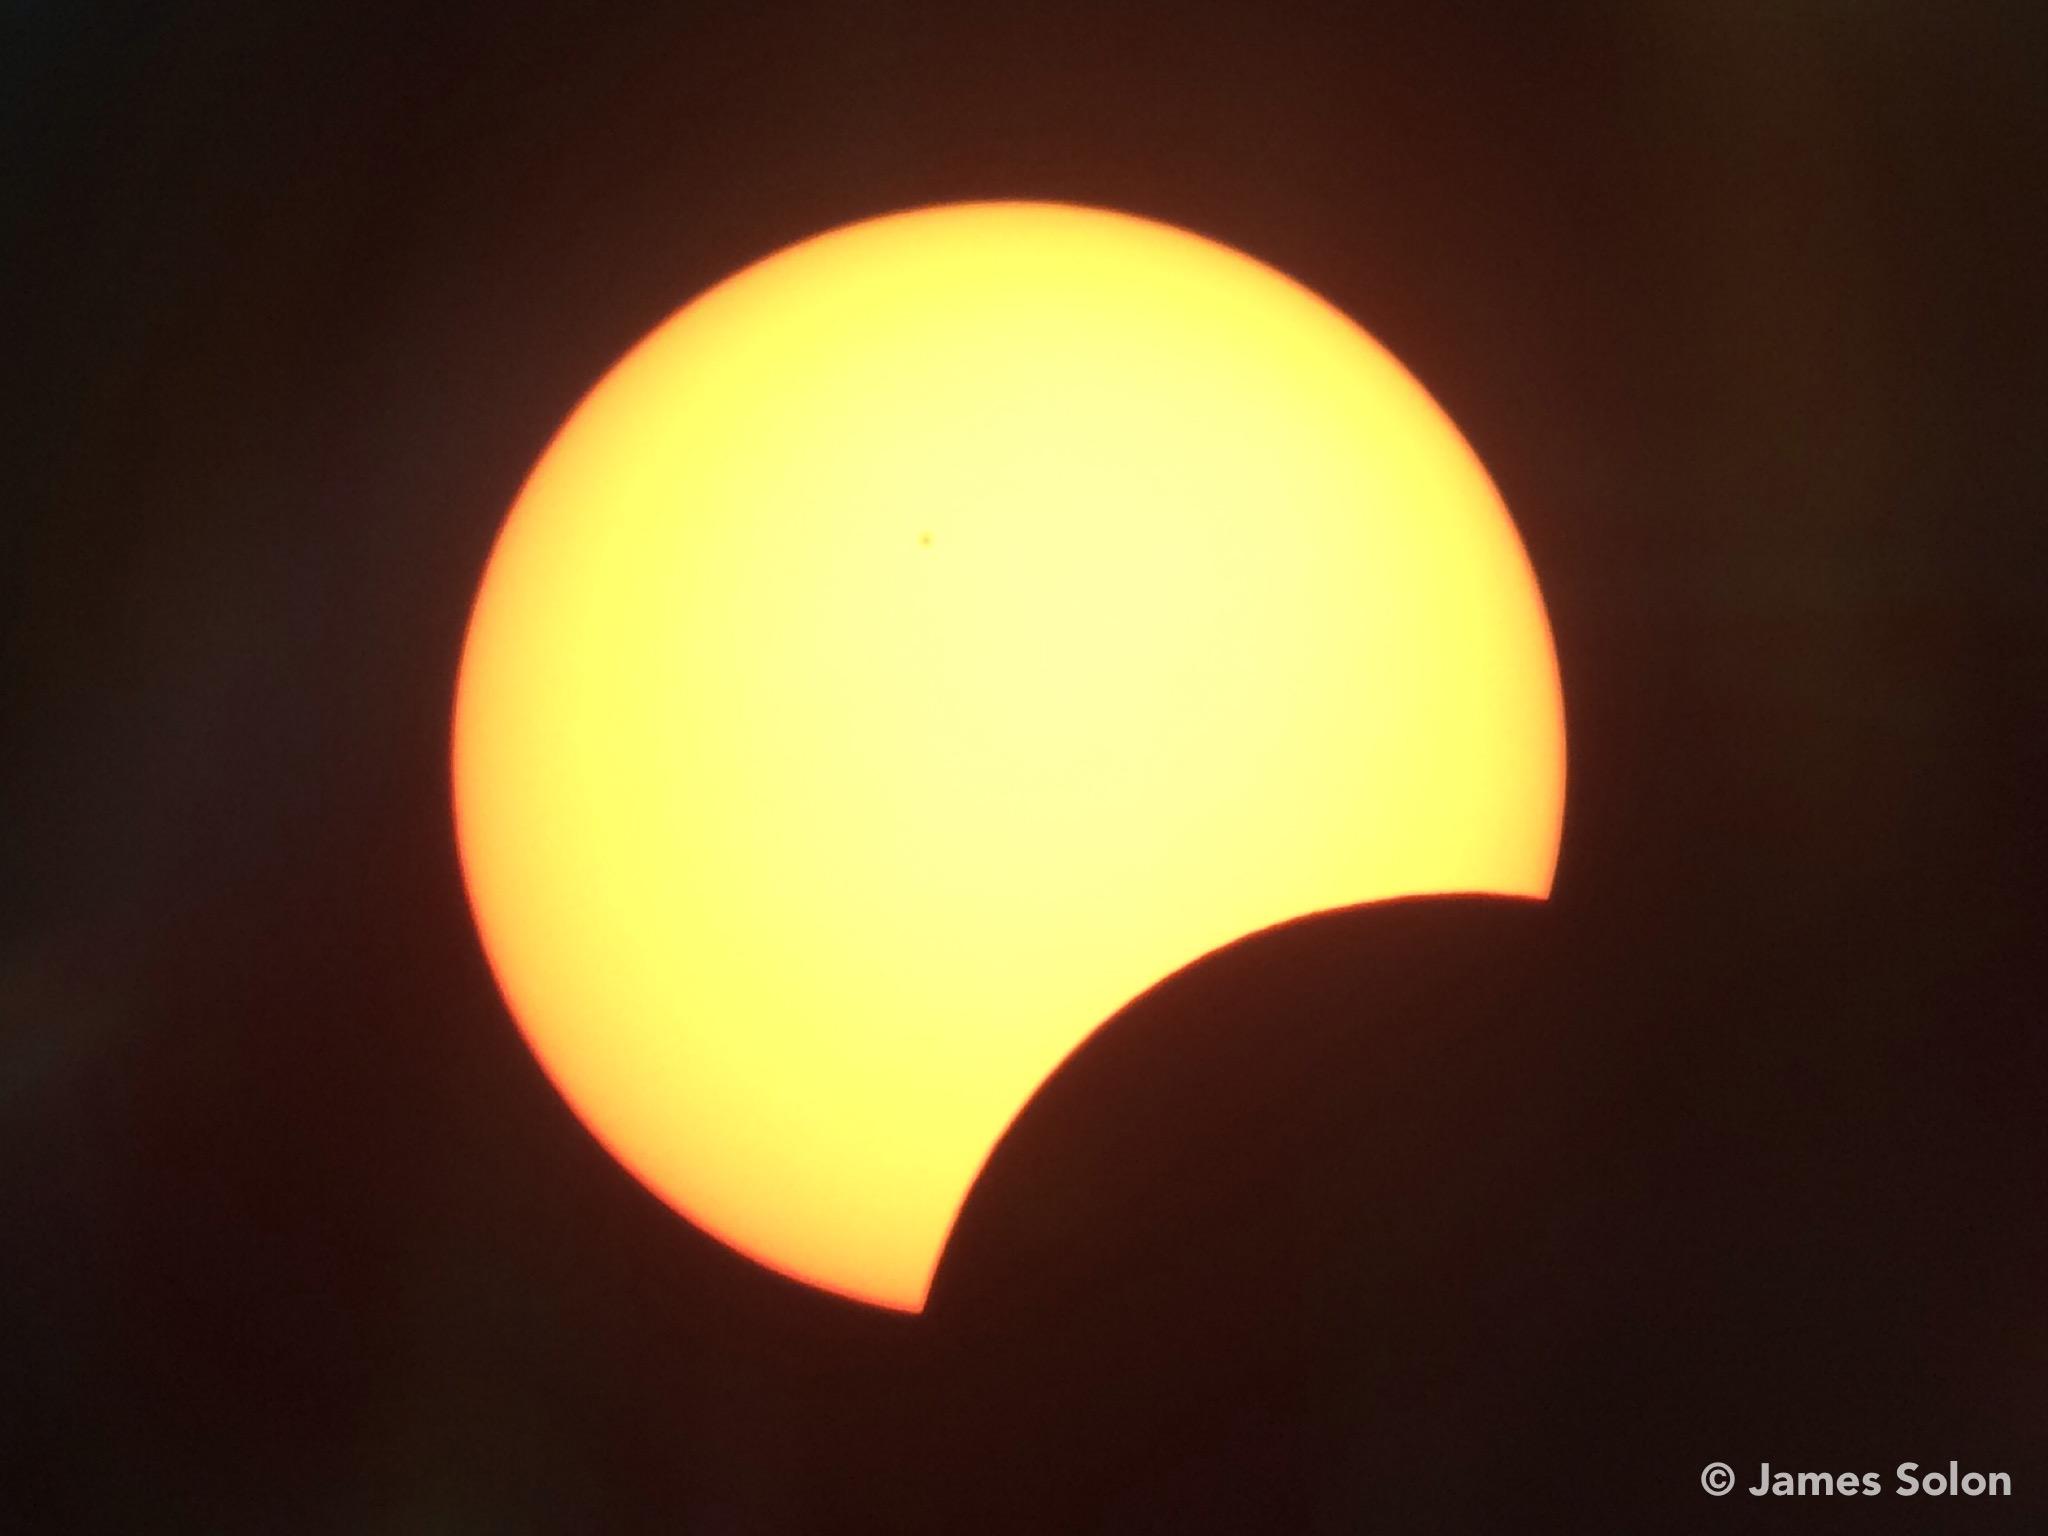 Máximo do Eclipse Solar Parcial - Recife-PE - 26 de fevereiro de 2017.